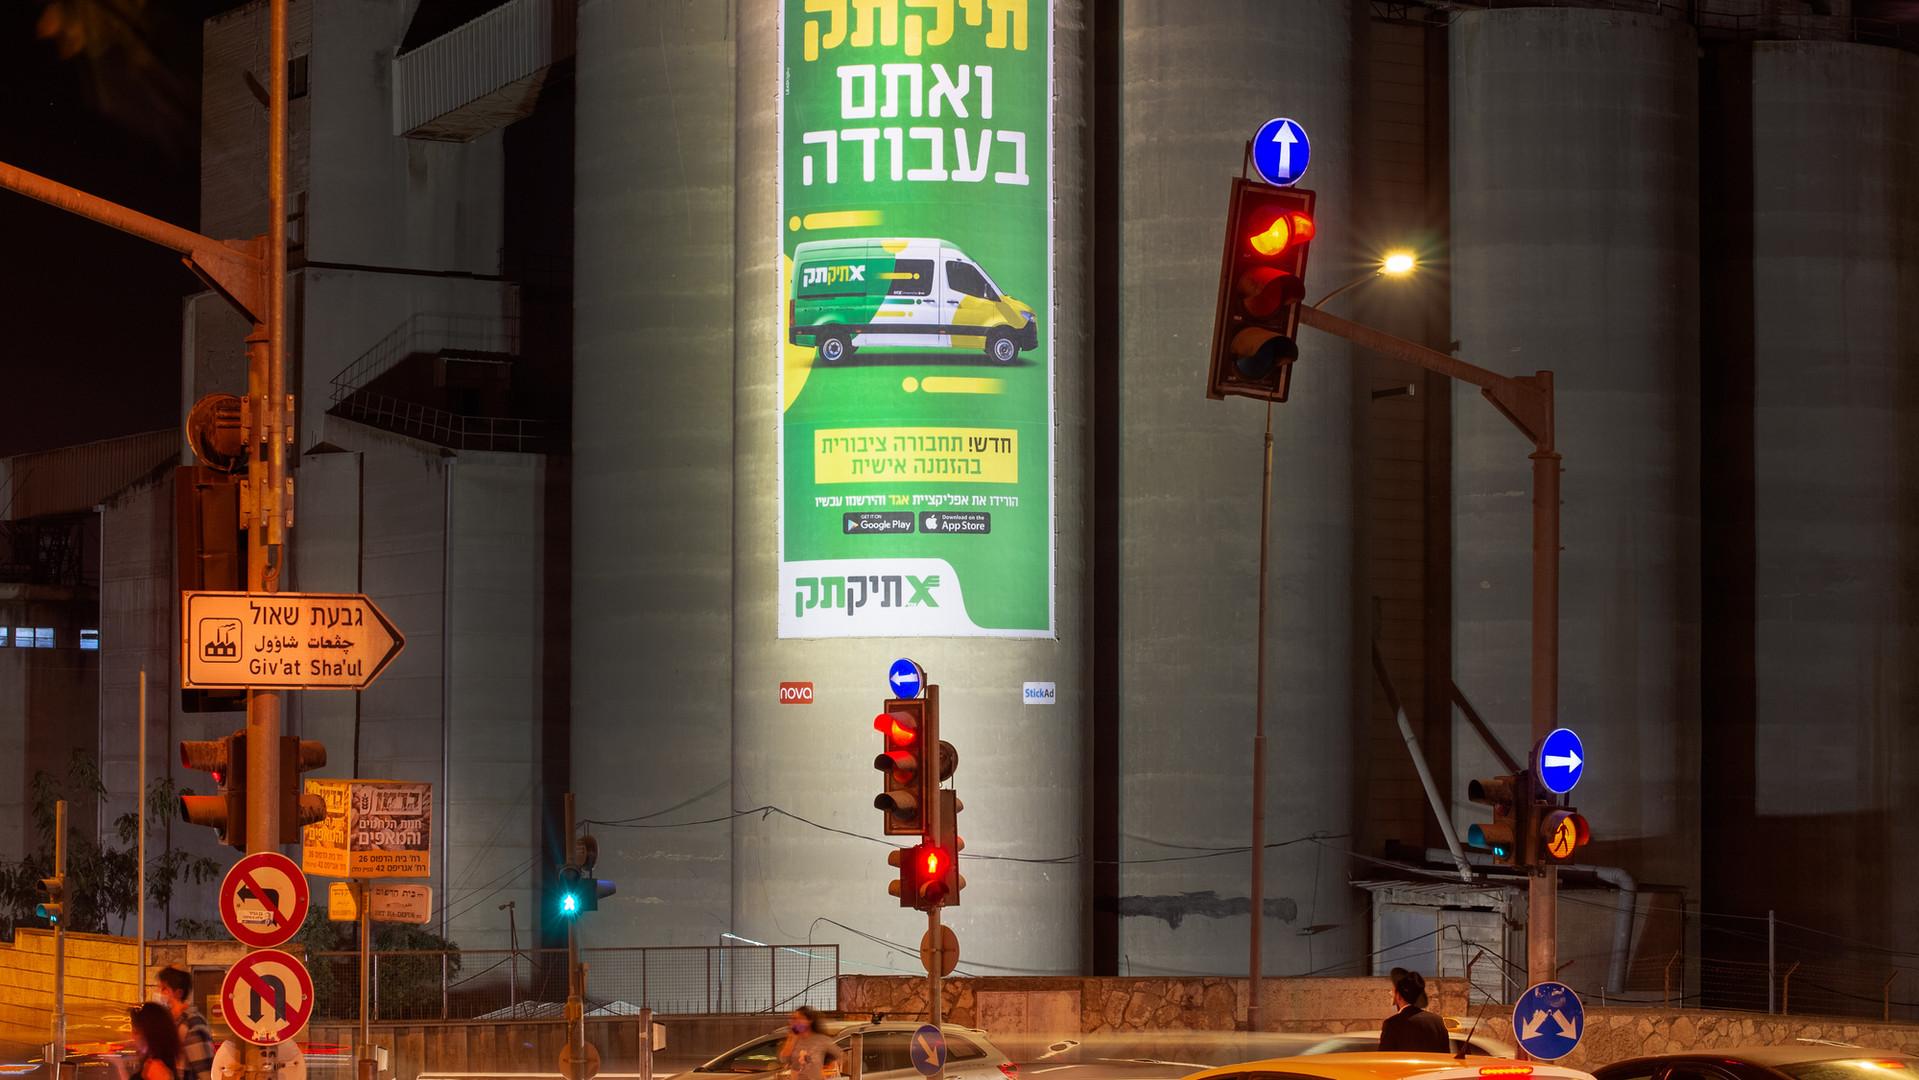 פרסום שלטי חוצות ירושלים